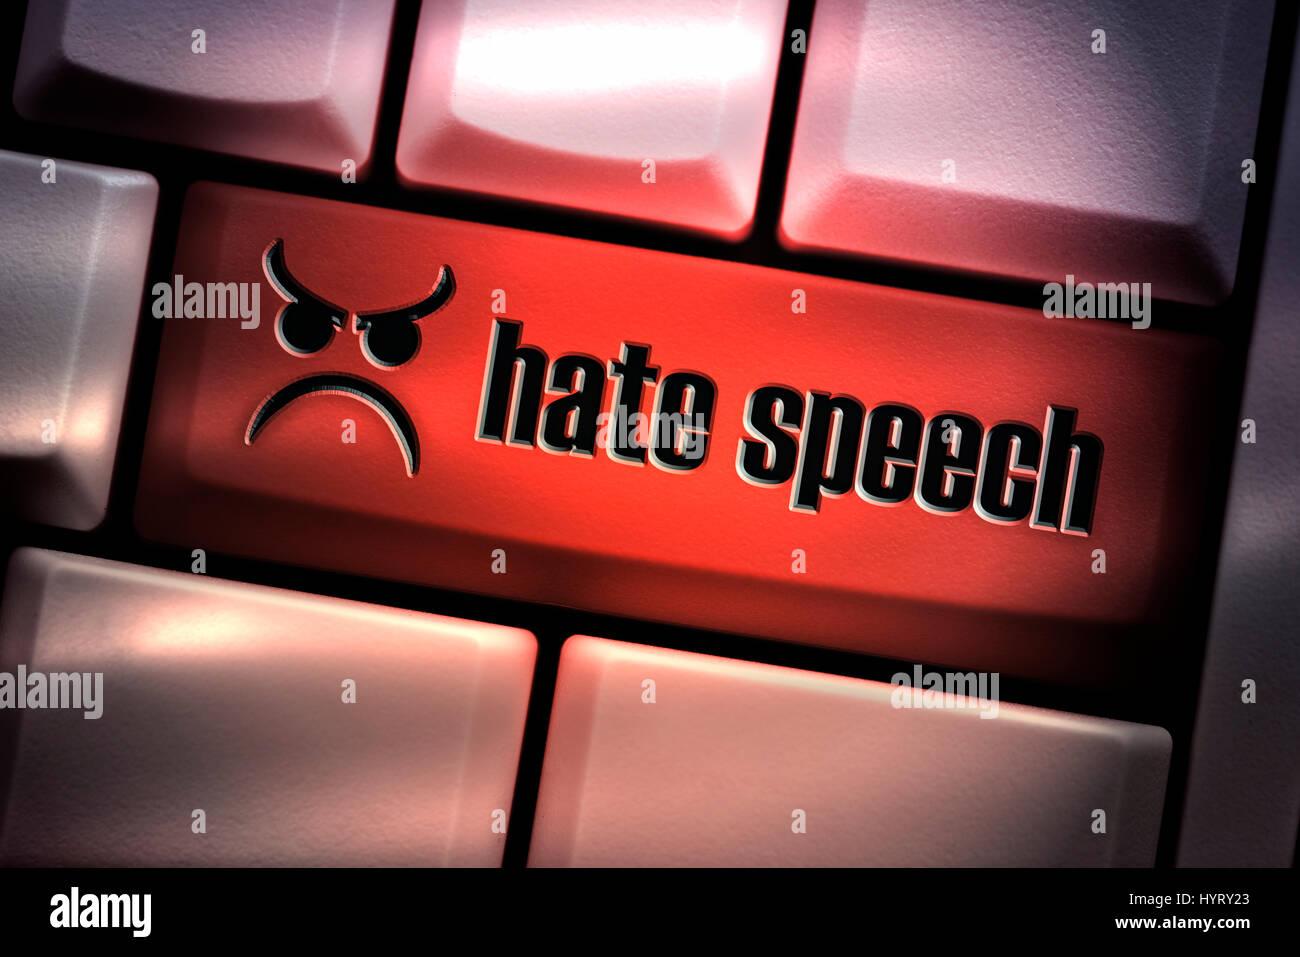 Le discours de haine sur la touche du clavier de l'ordinateur Photo Stock